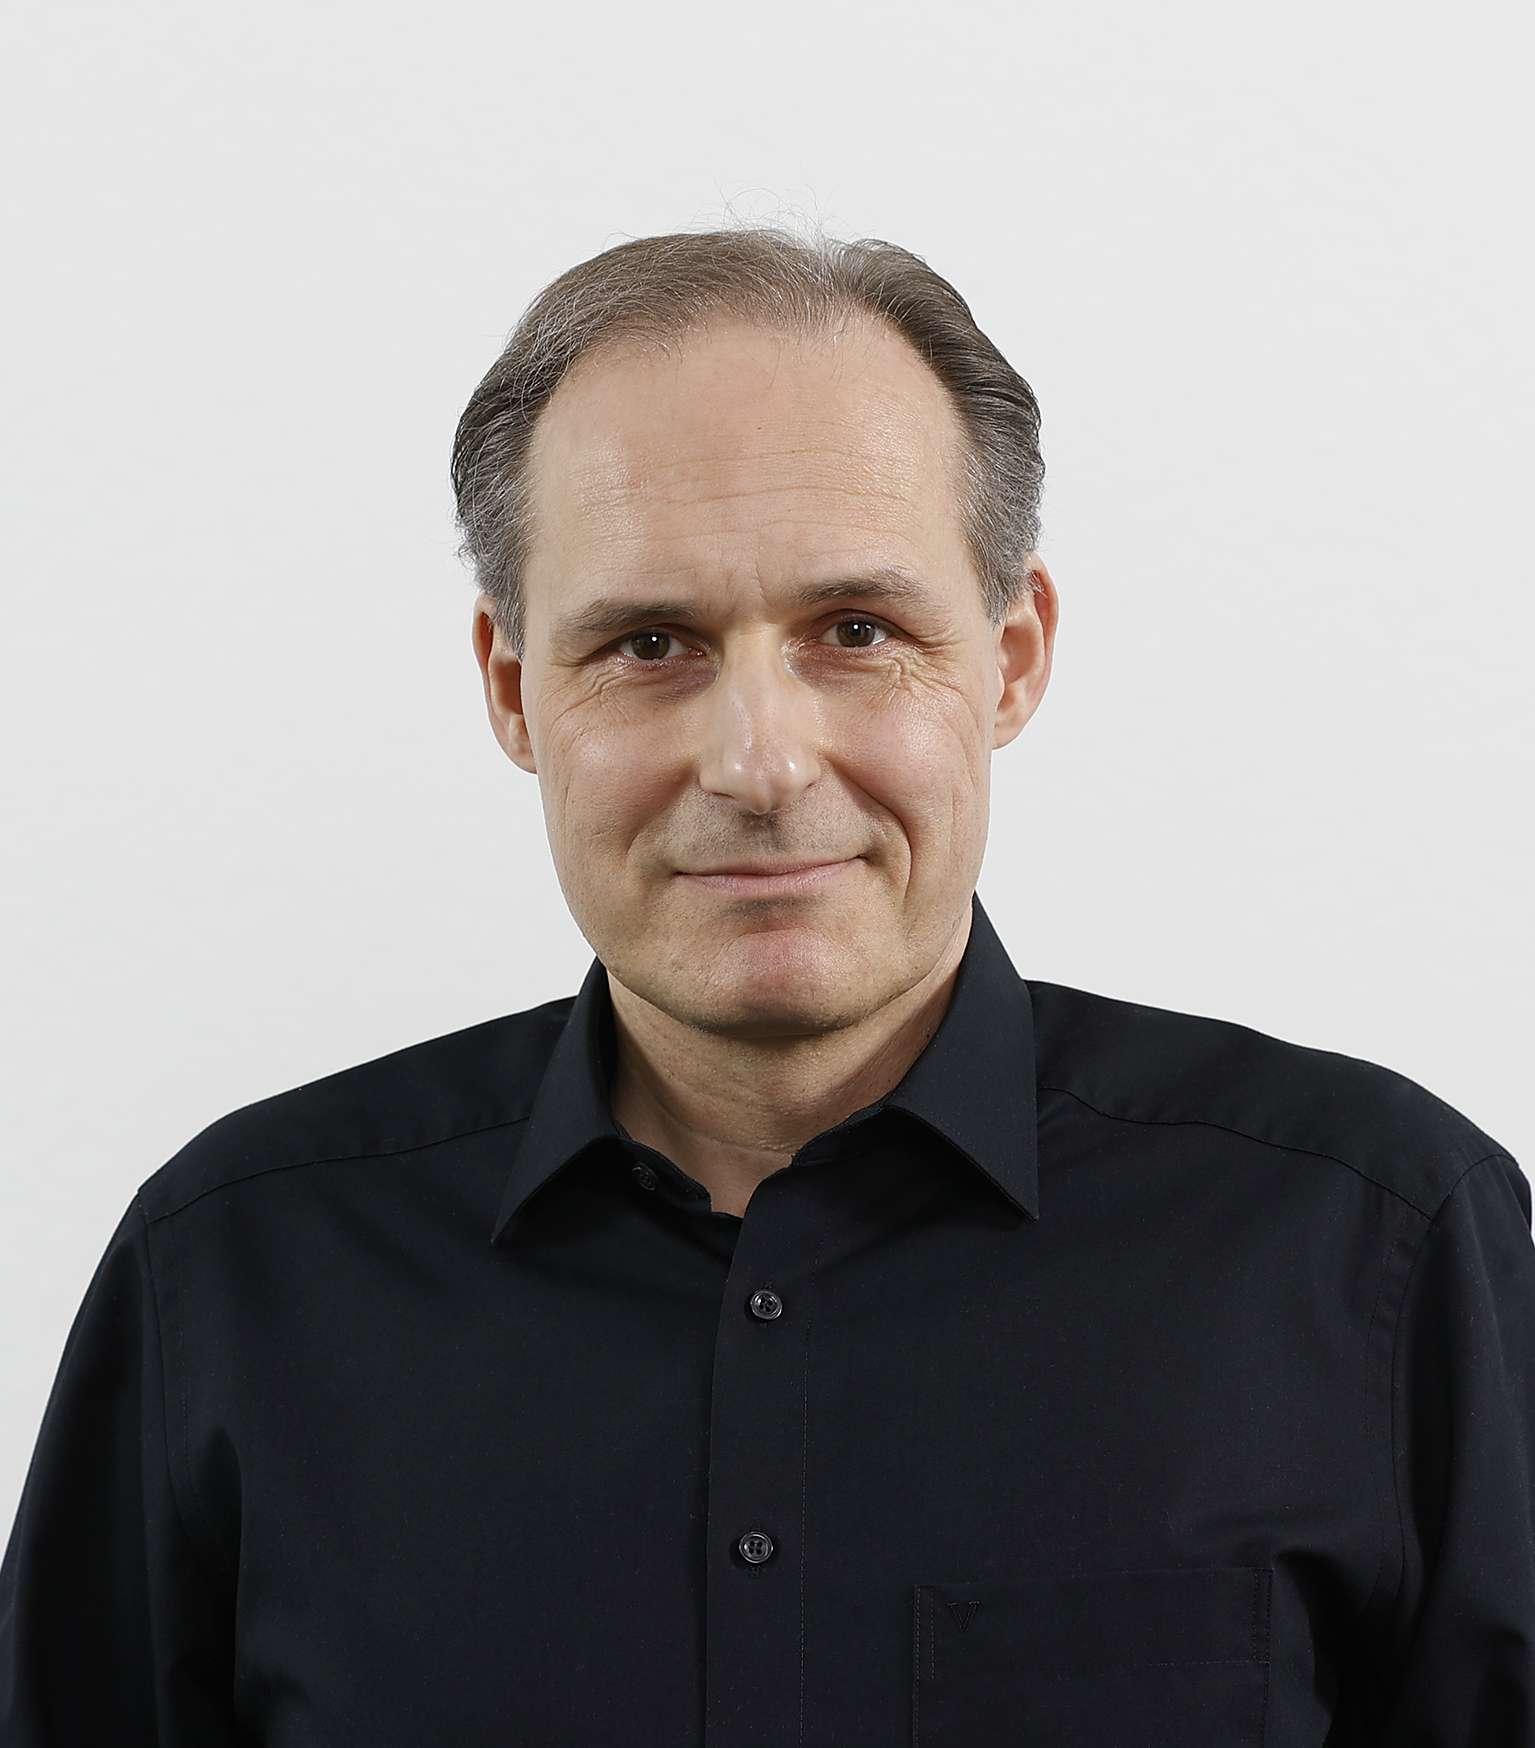 Alexander Hintermeier